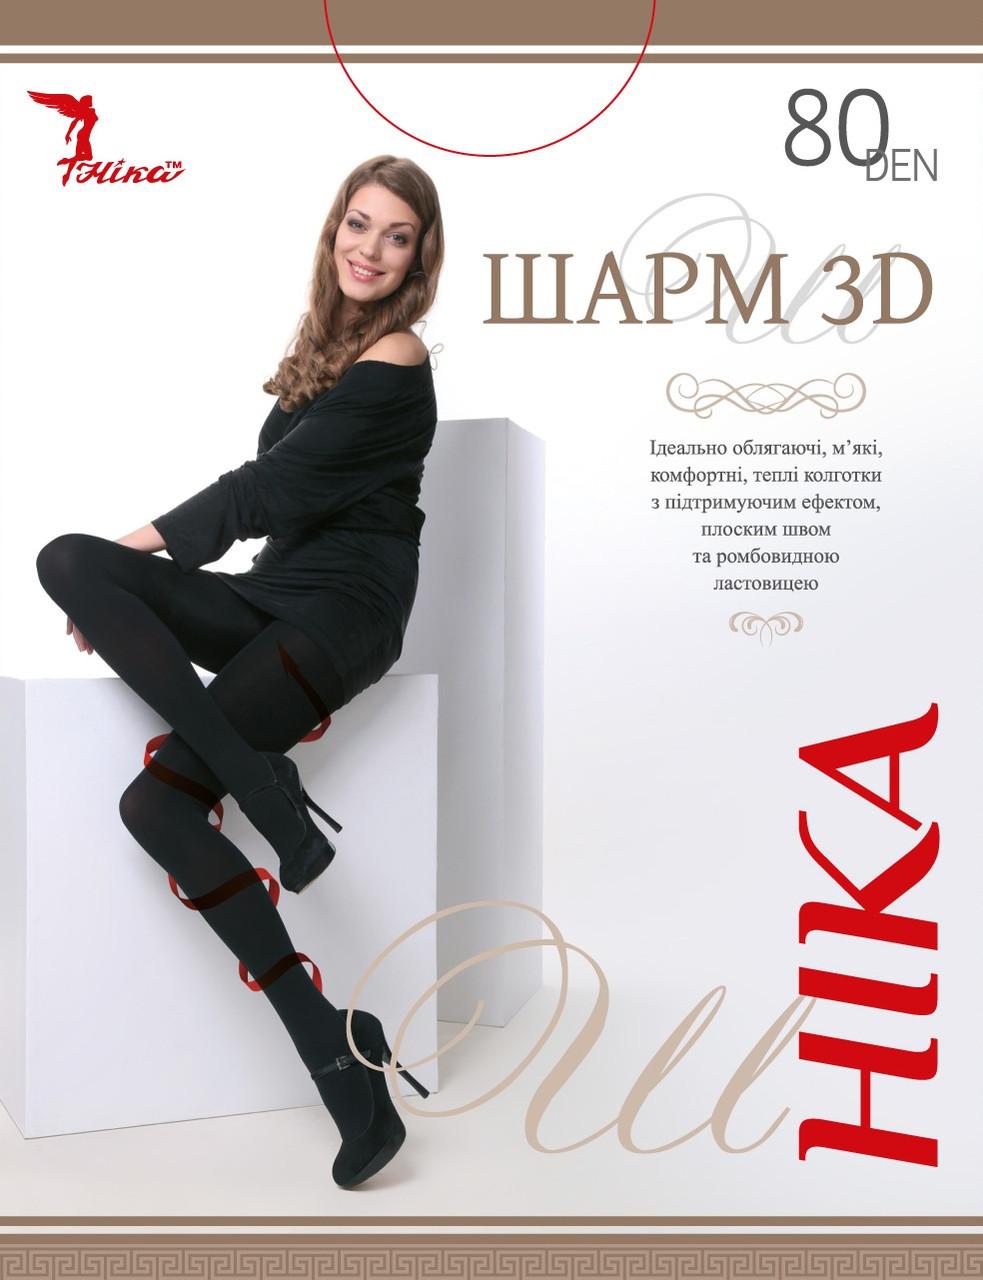 """Колготки ТМ Ника """"Шарм 3D"""" 80 ден - эксклюзивные колготки 3D с подтягивающим эффектом (с микрофиброй)"""